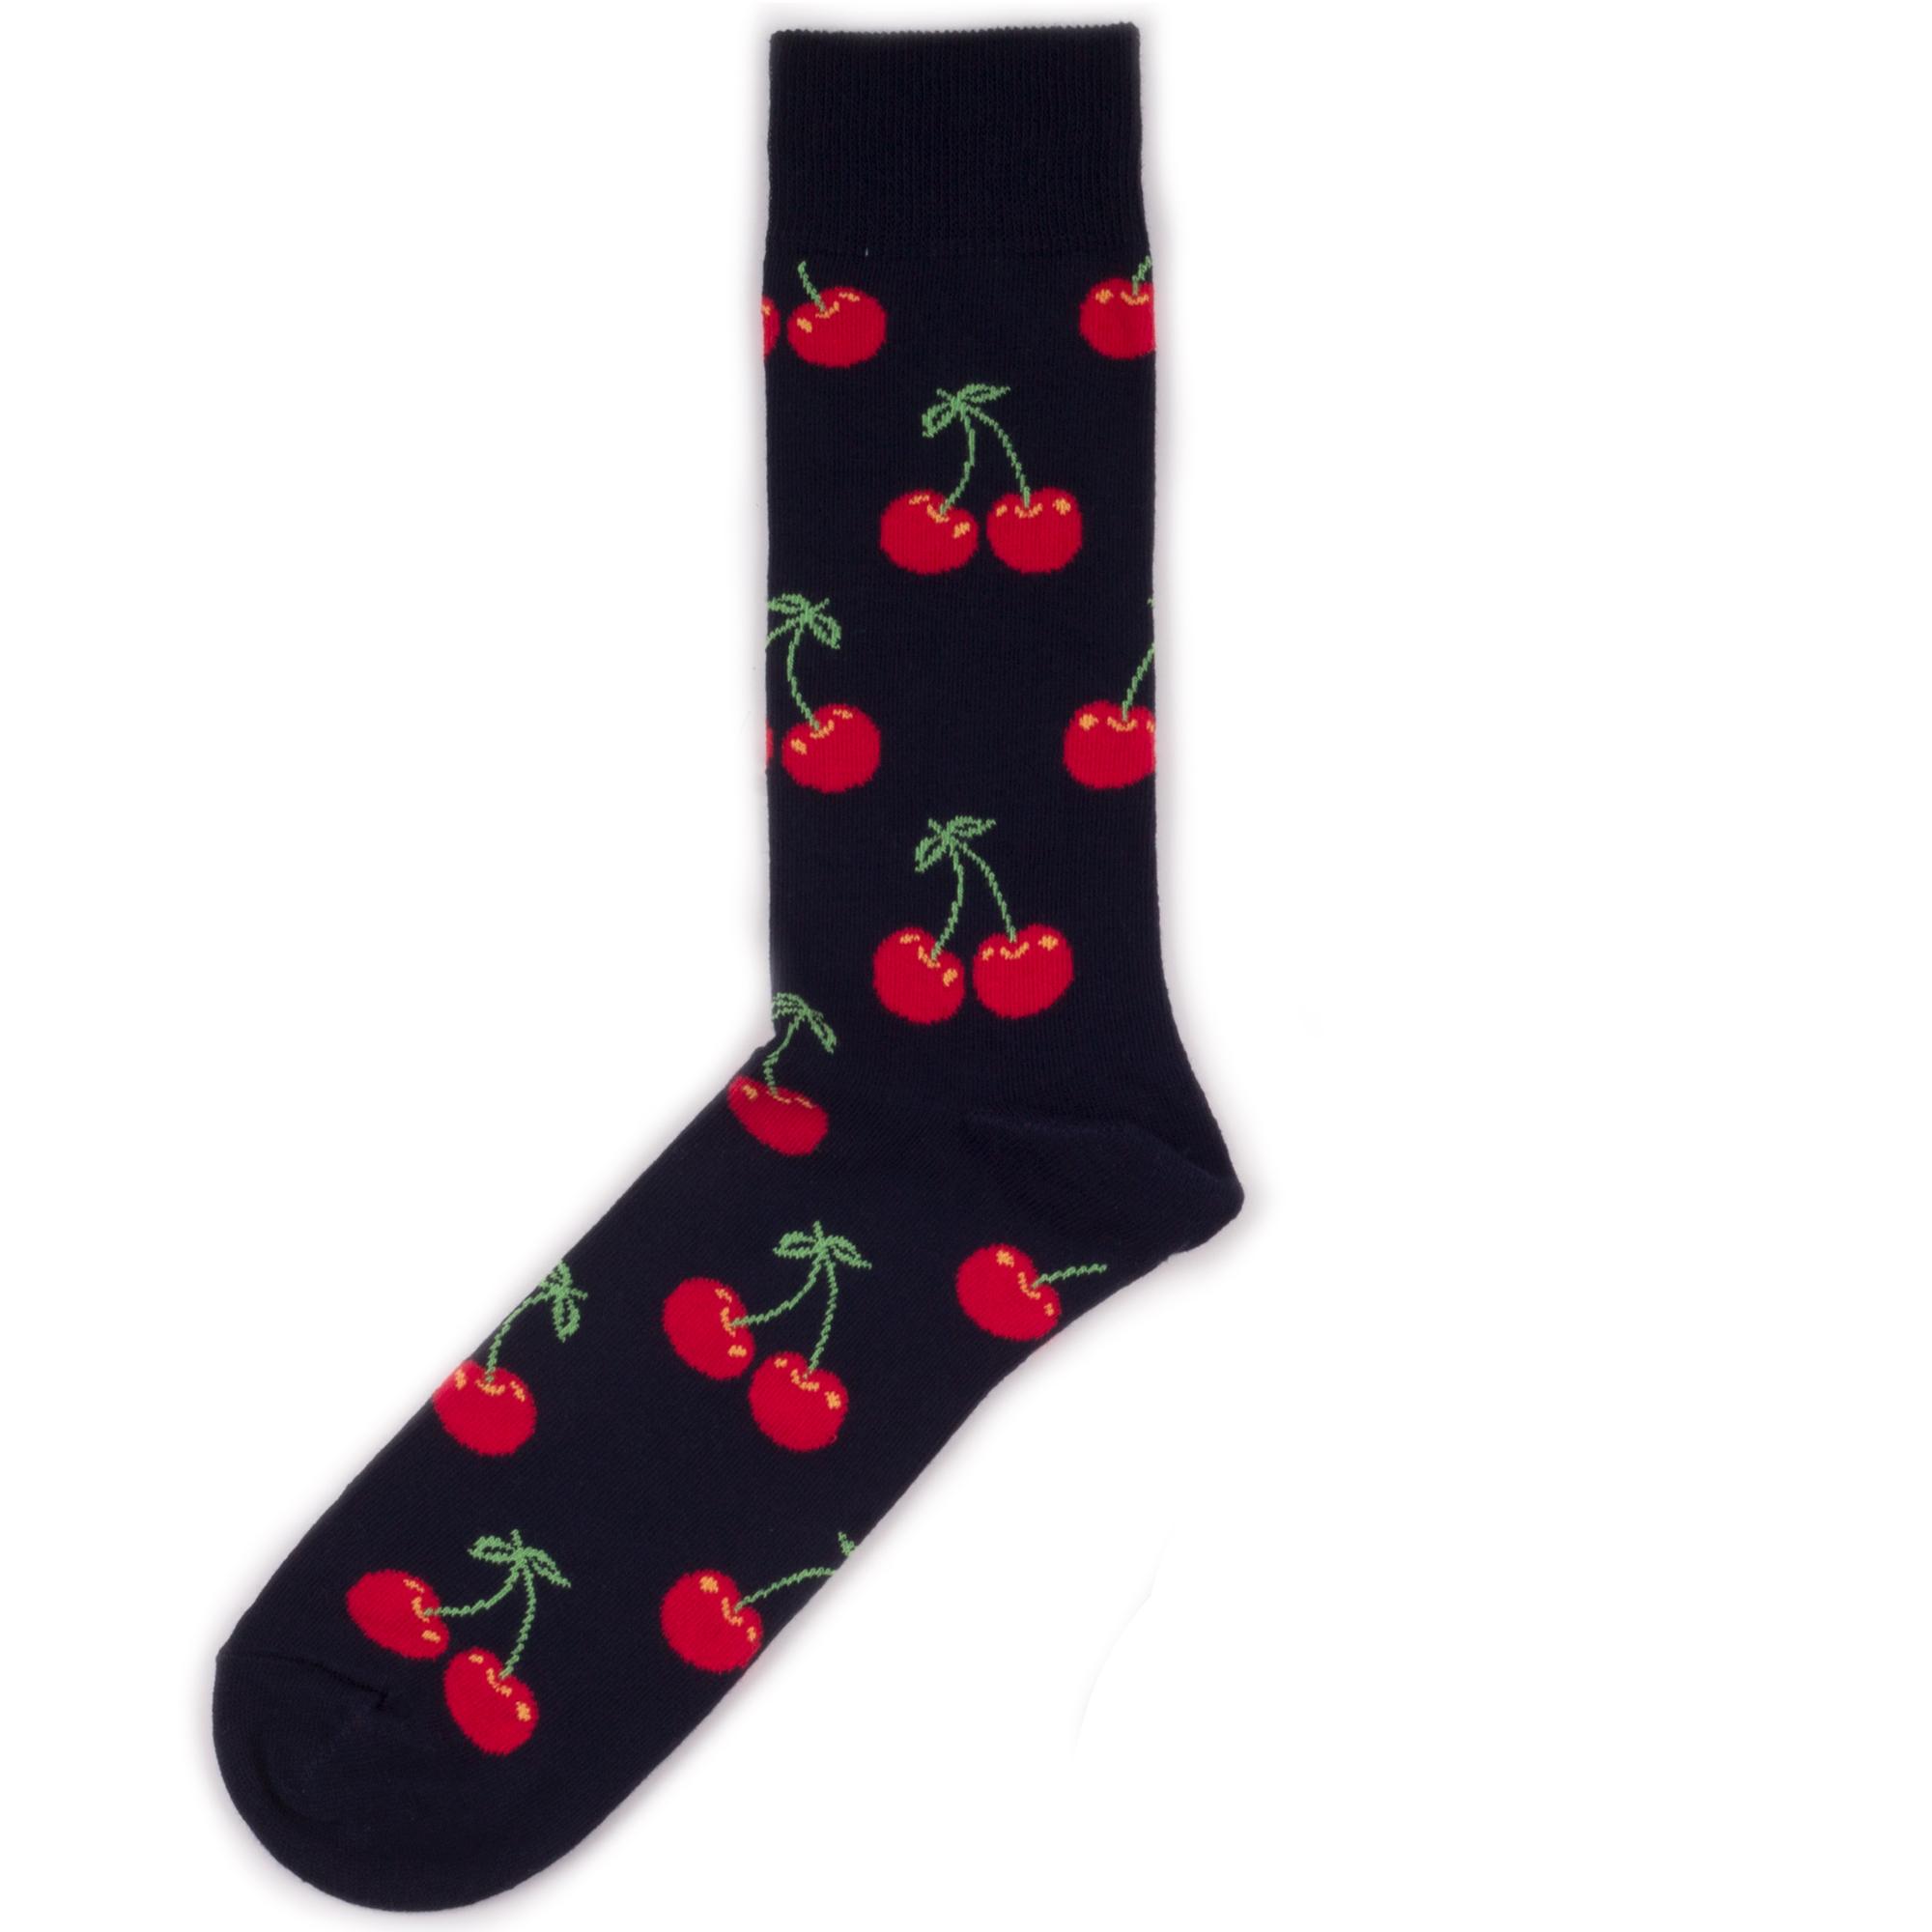 Носки унисекс Happy Socks Happy Socks Cherry - Red разноцветные 36-40